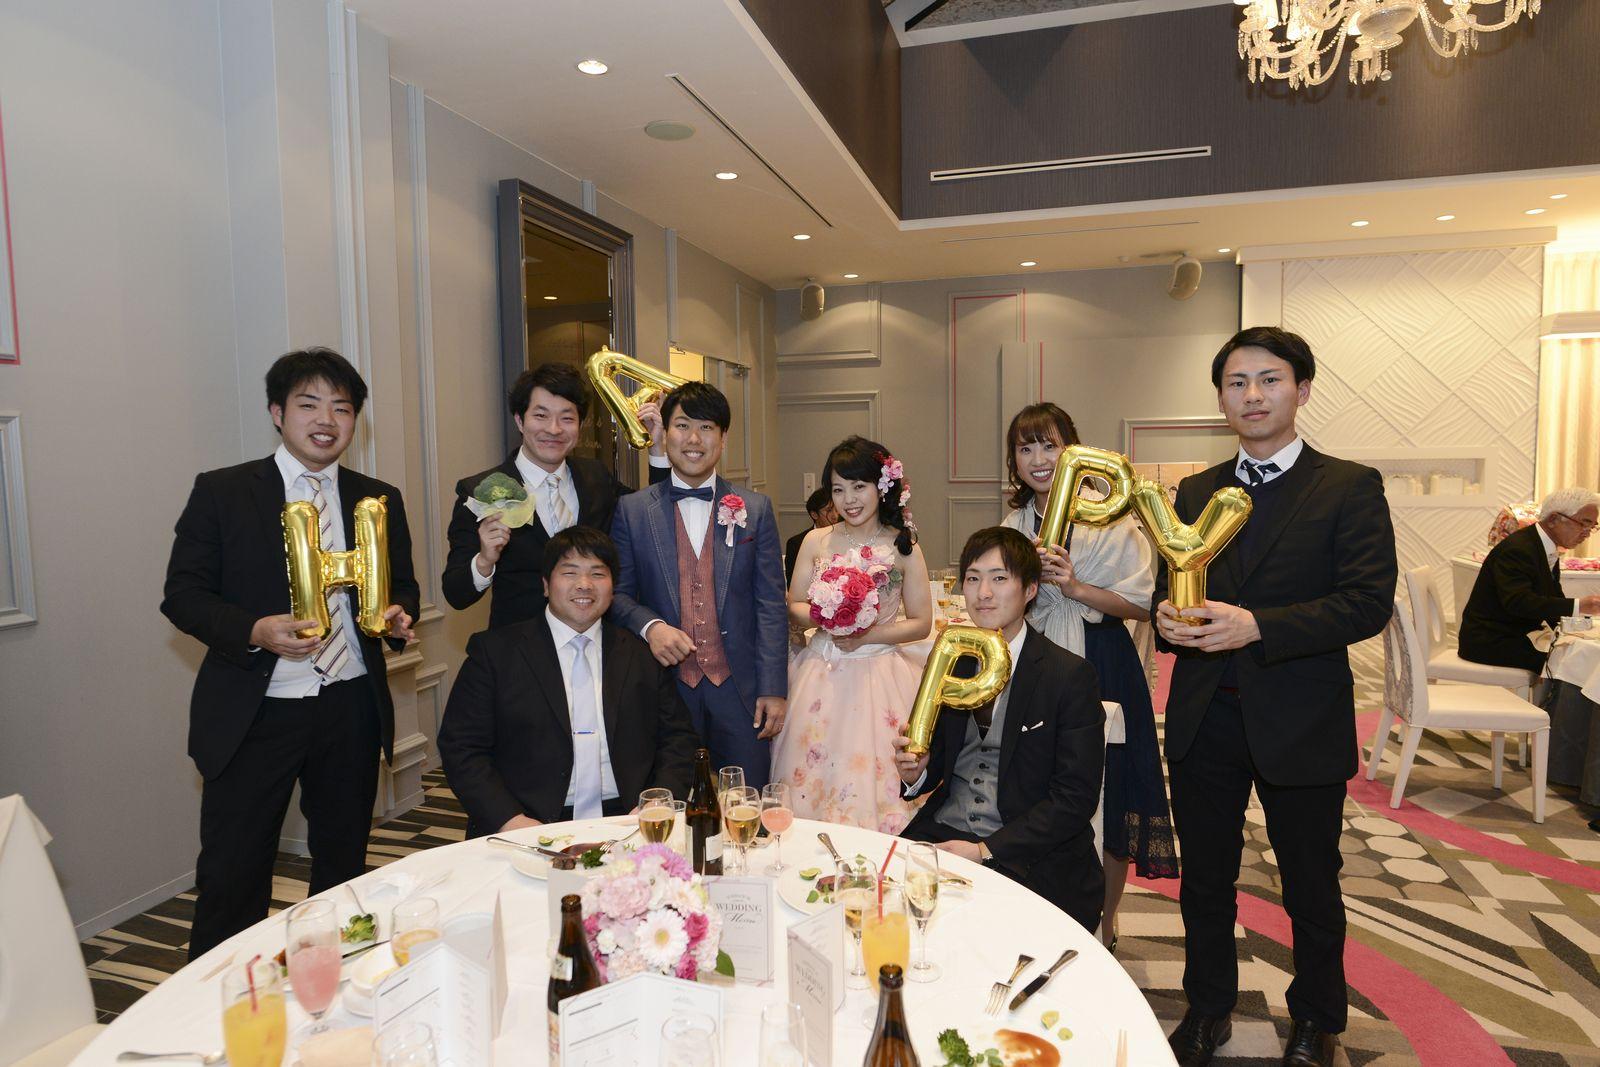 徳島市の結婚式場ブランアンジュでフォトラウンド